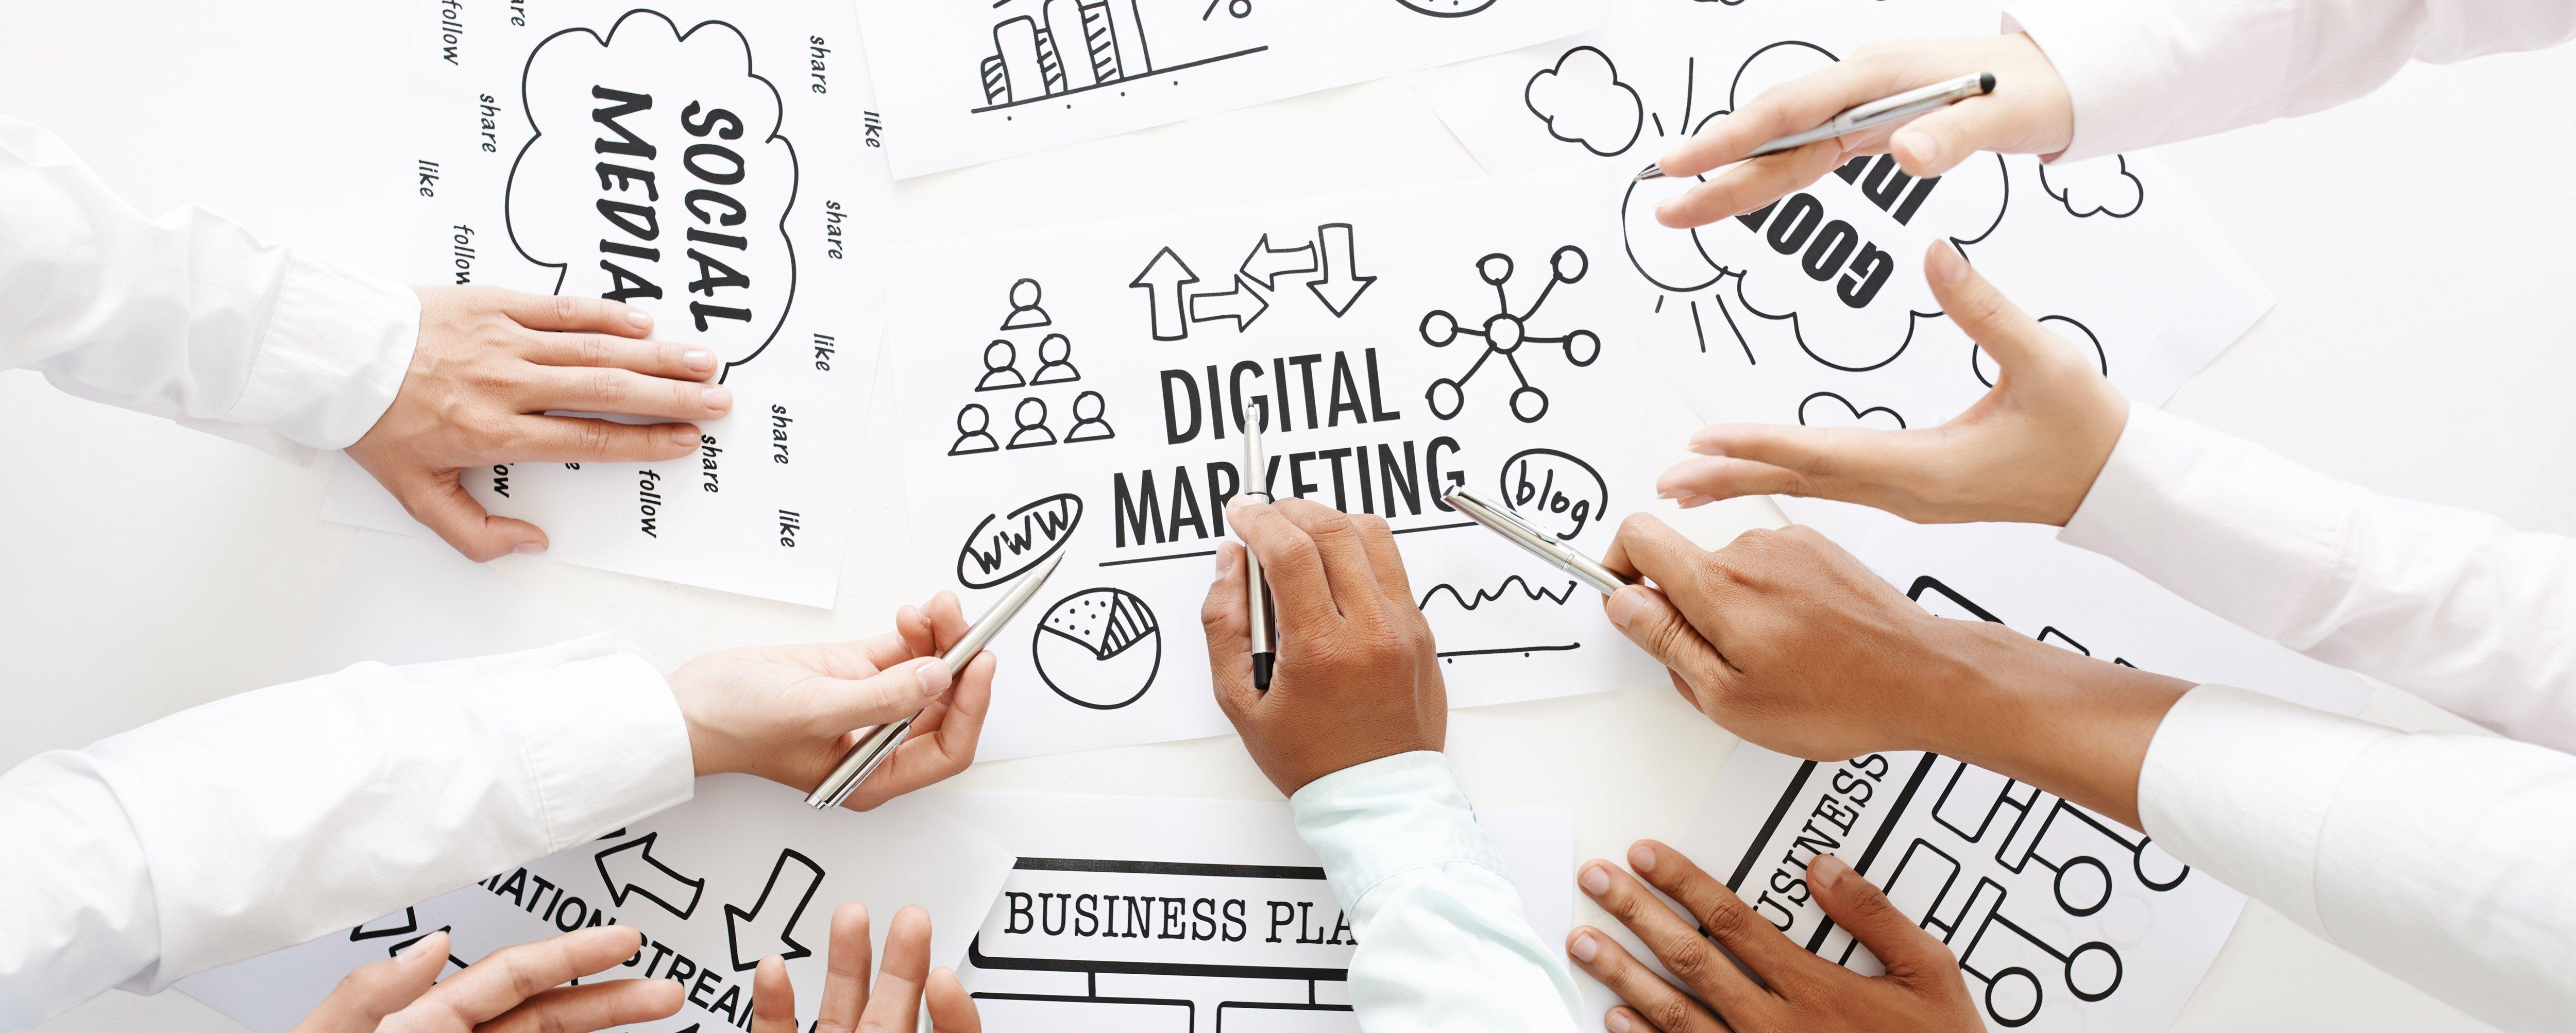 Cómo construir una estrategia de marketing digital moderna.jpg